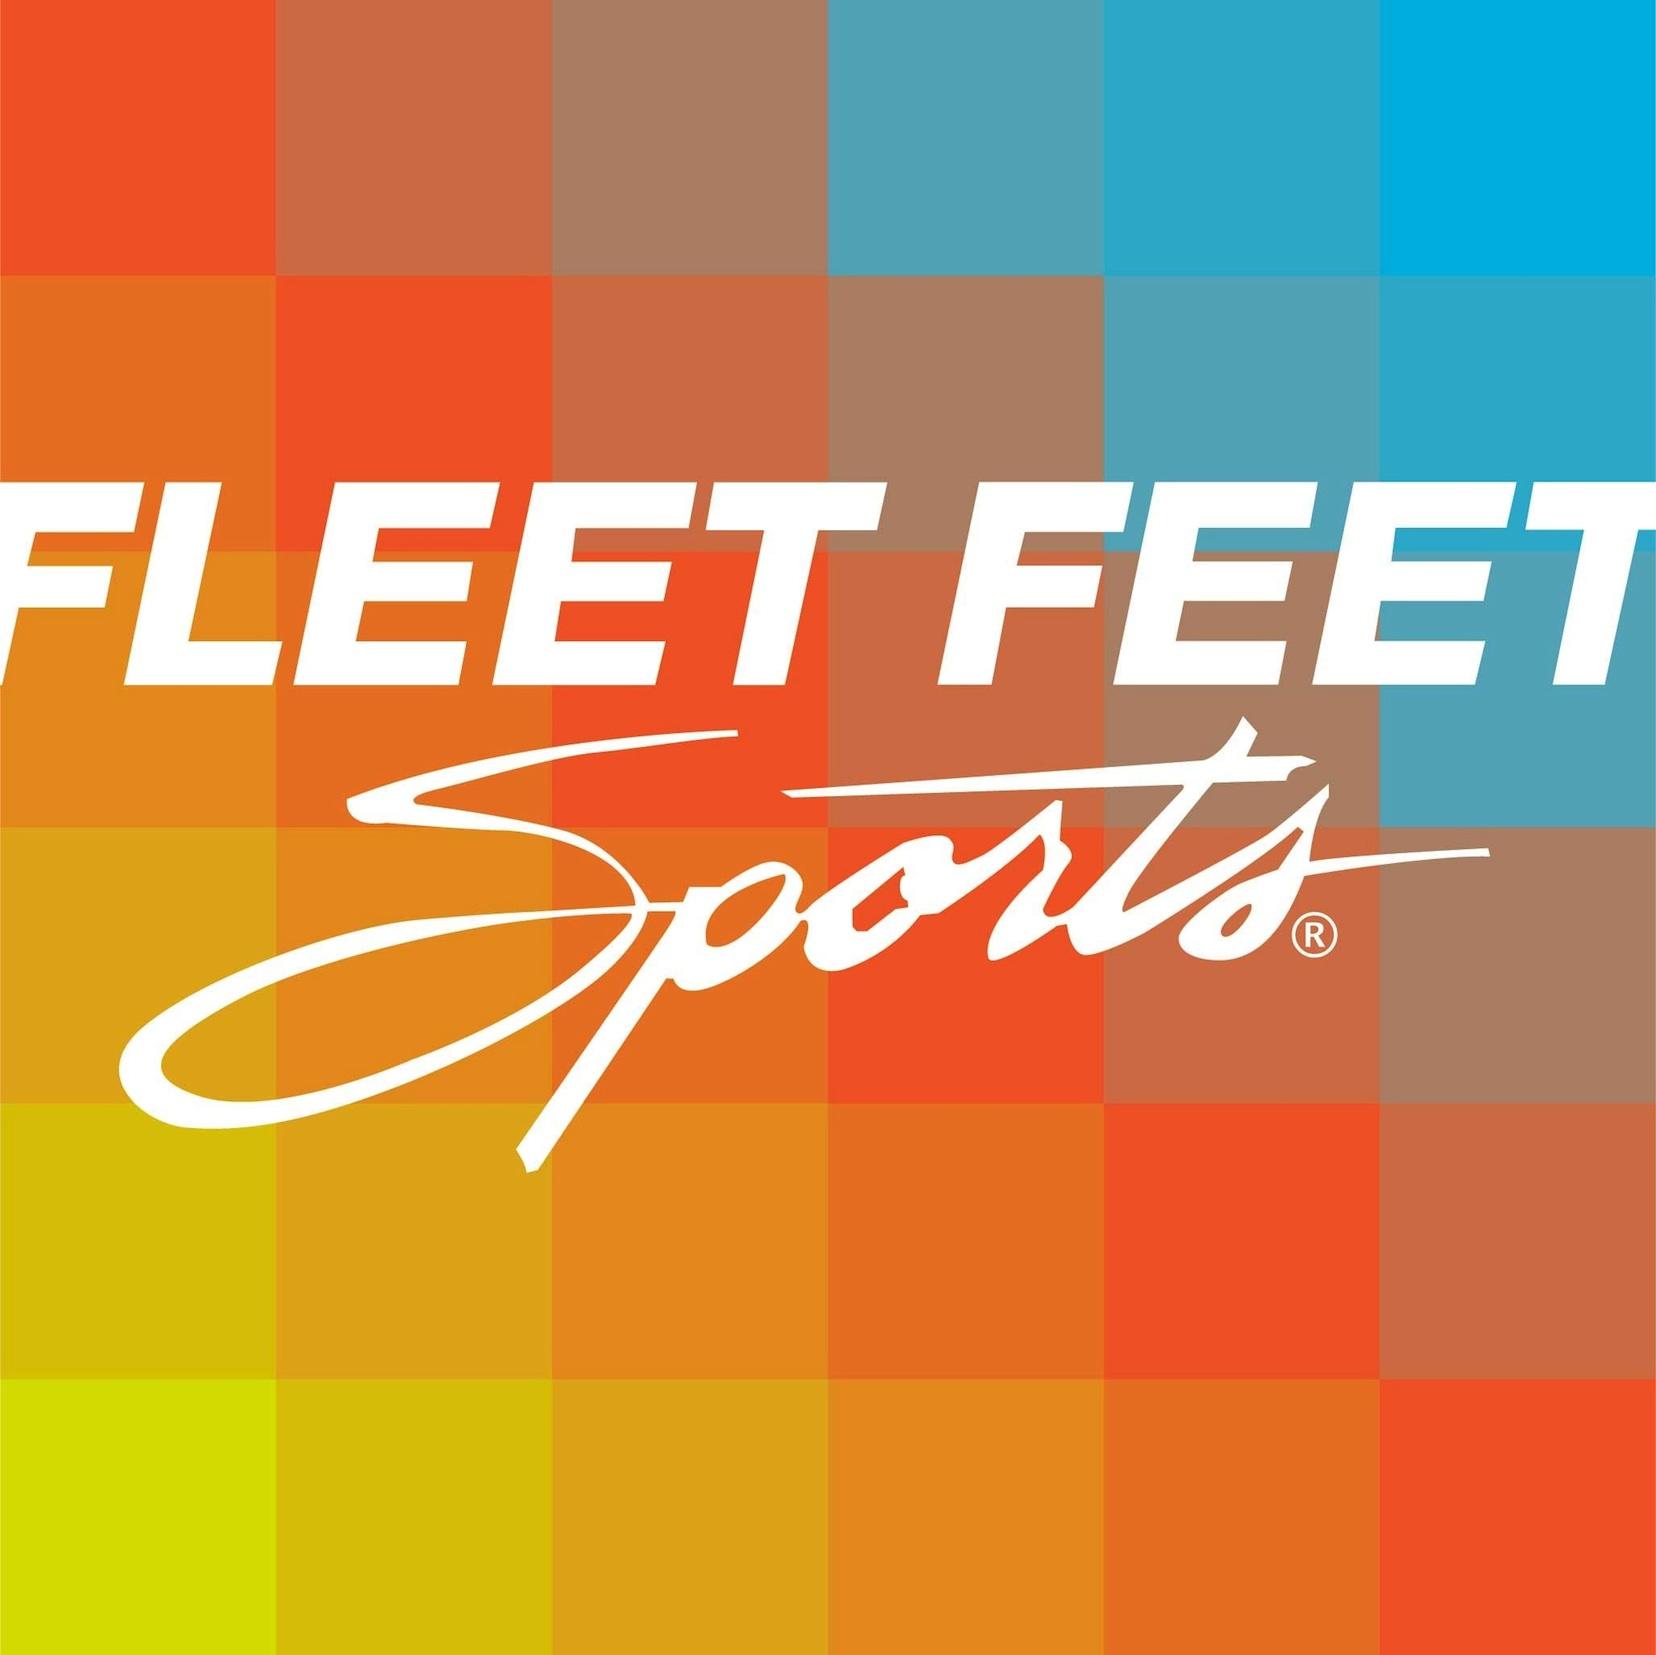 Sponsor Fleet Feet Raleigh